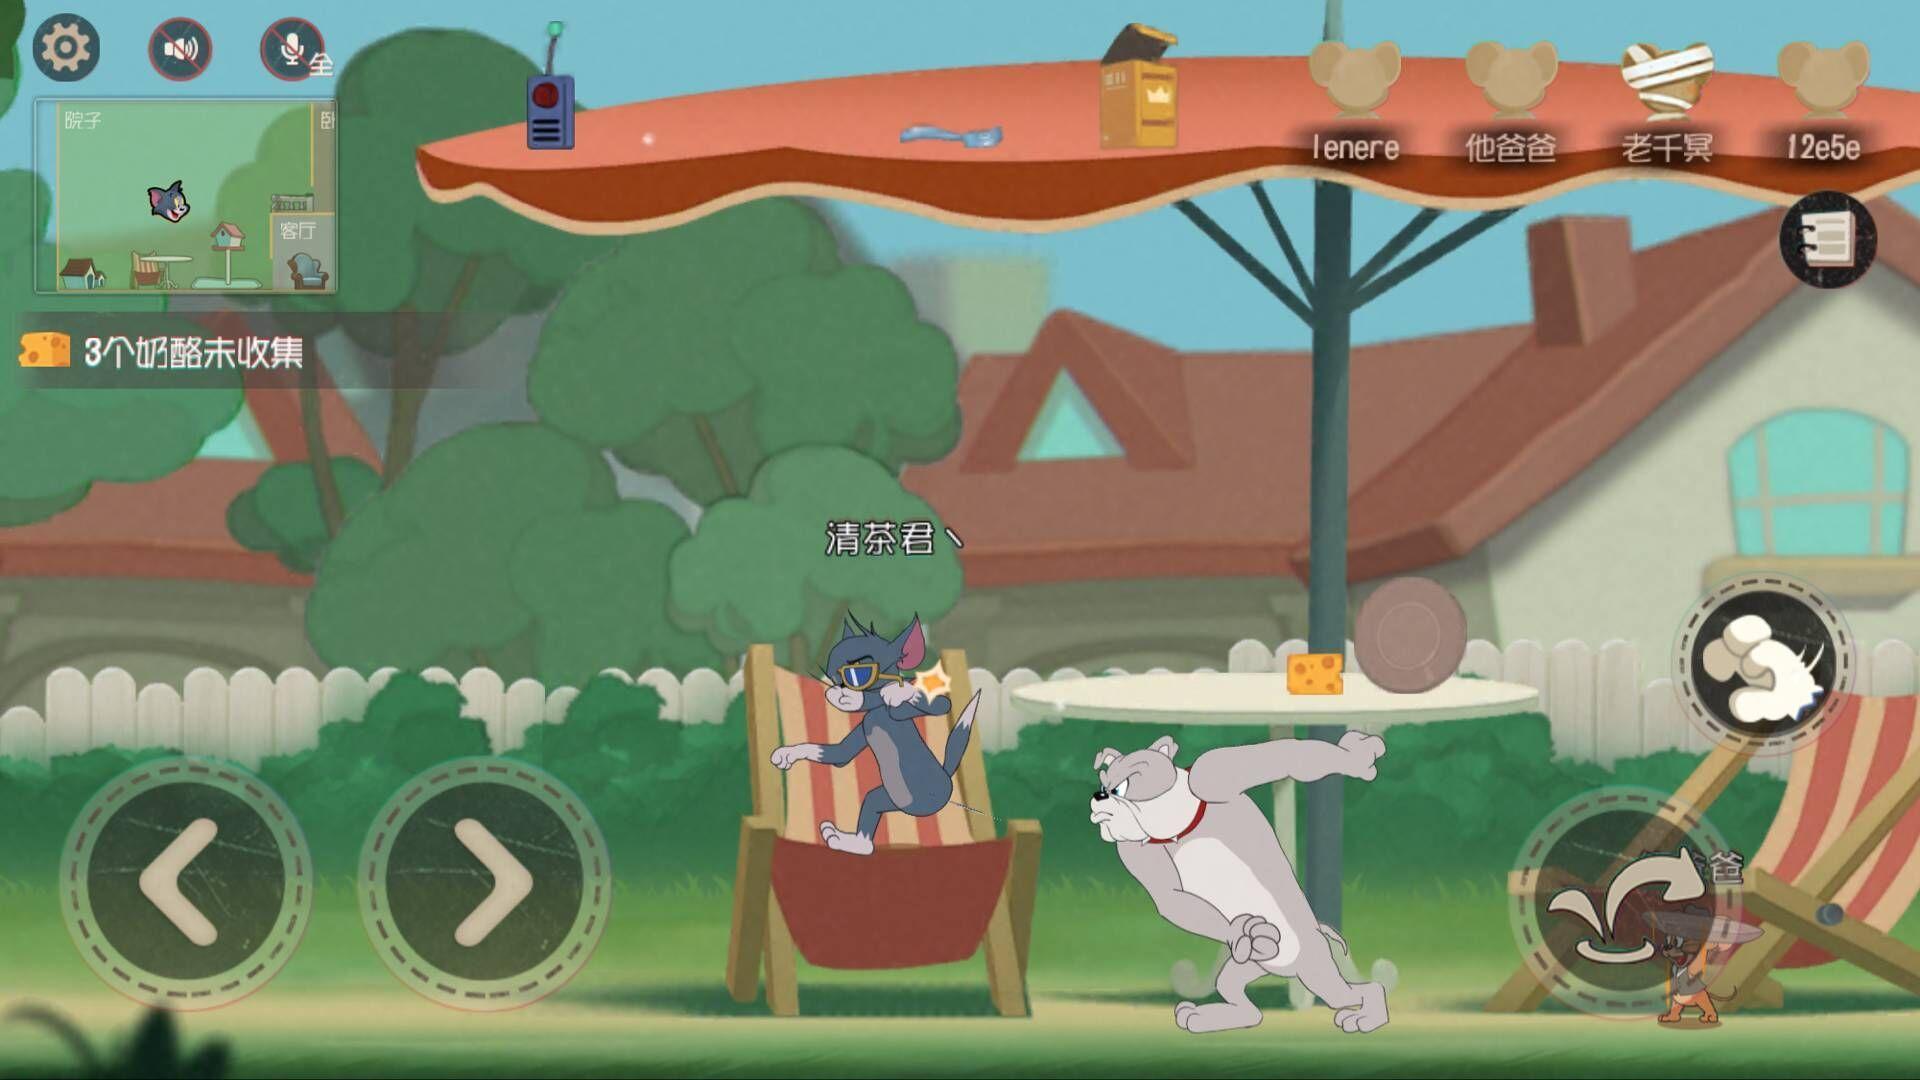 网易新作第五人格横版游戏《猫和老鼠》,你能抓到杰瑞吗?(二)游戏